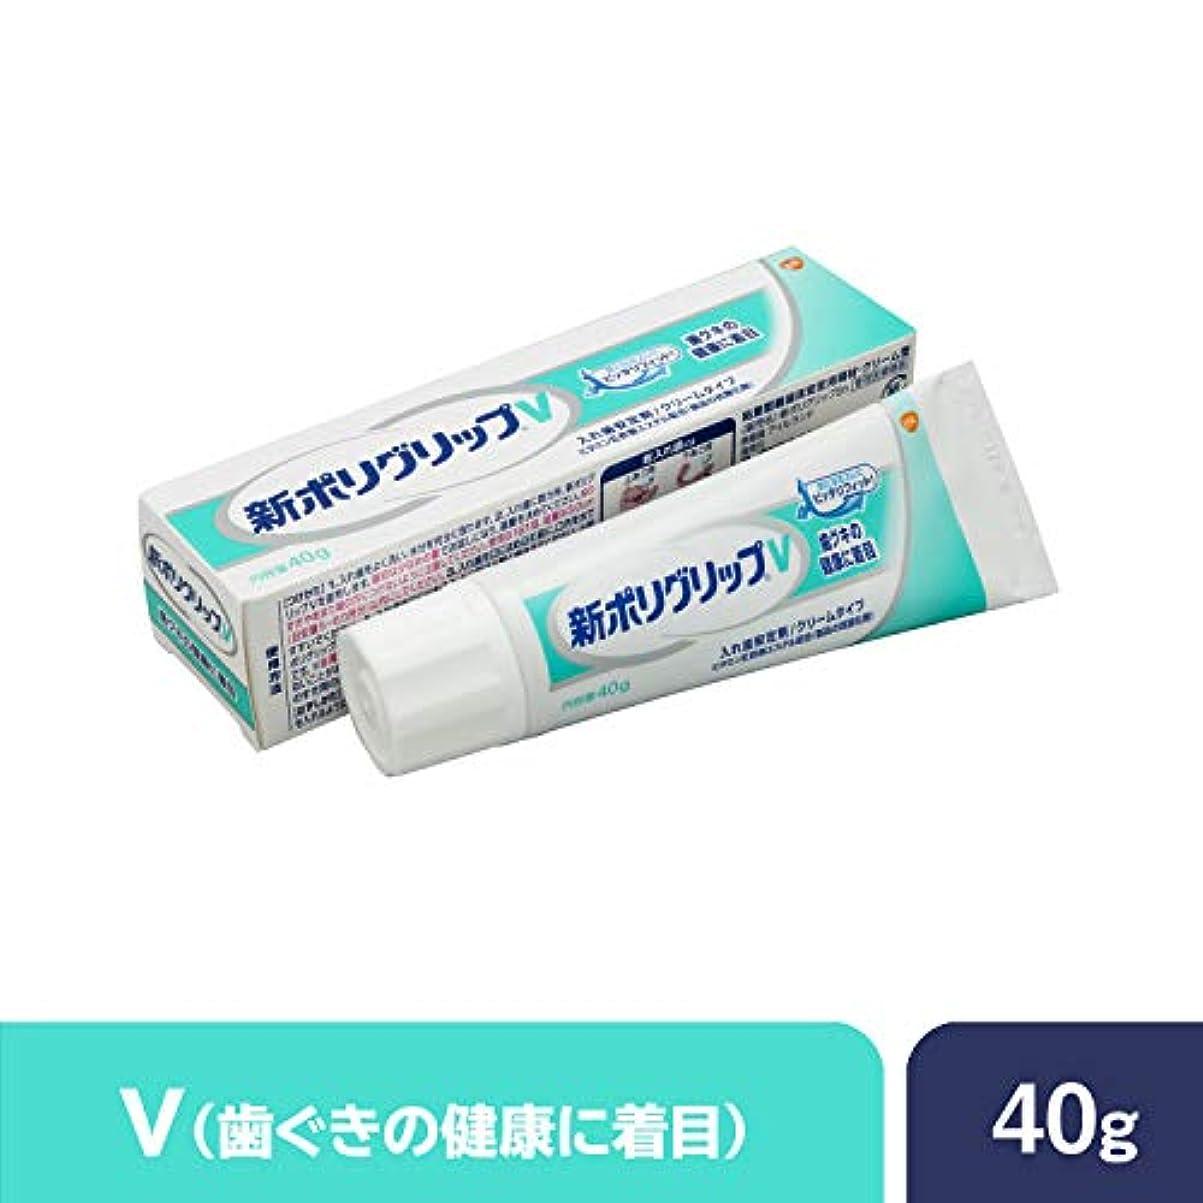 うなる隠された家事部分?総入れ歯安定剤 新ポリグリップ V(歯グキの健康に着目) 40g